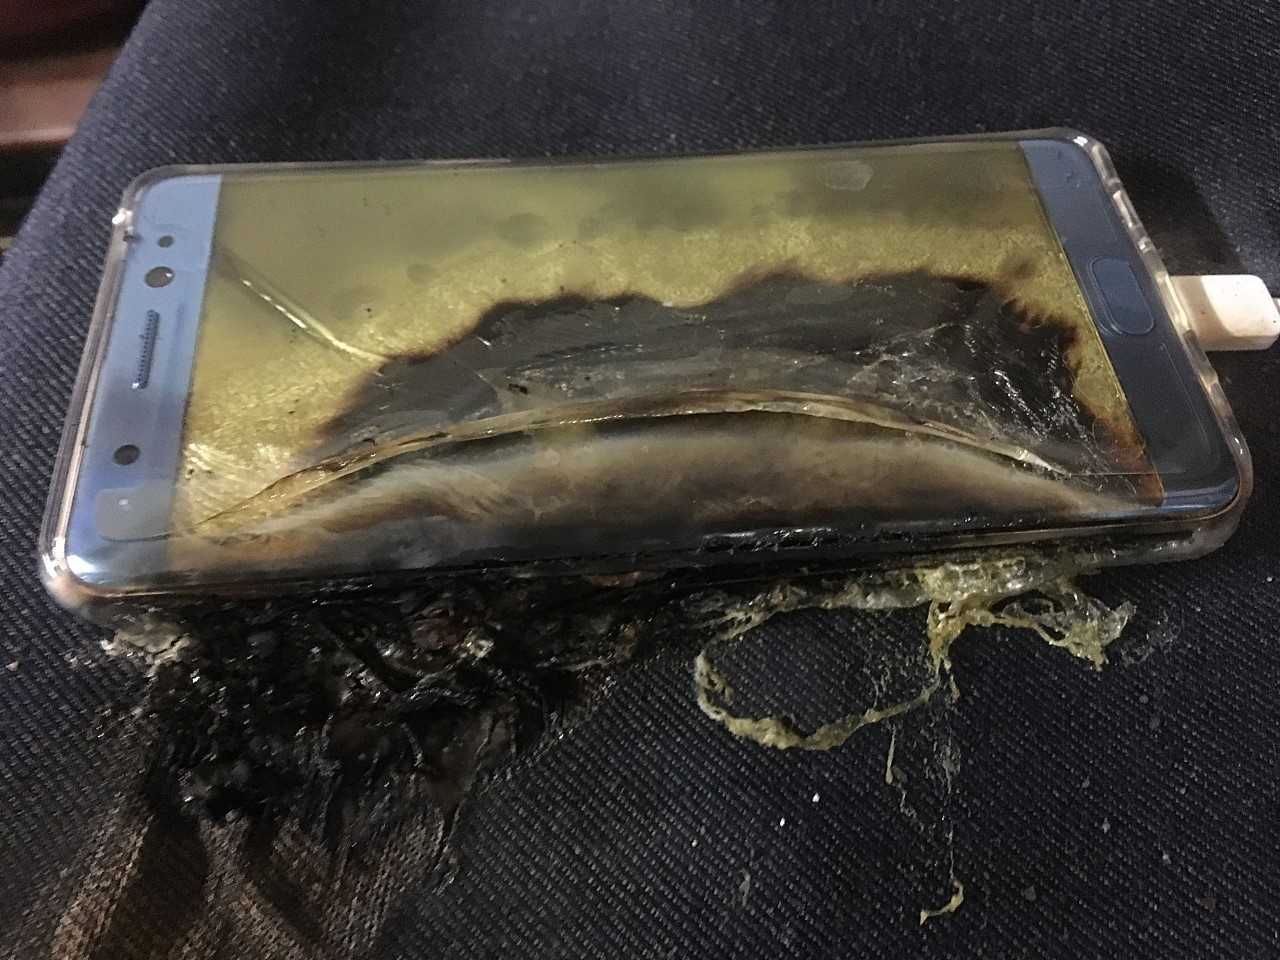 Исследователи создали безопасную литий-ионную батарею, которая не воспламеняется при физических повреждениях